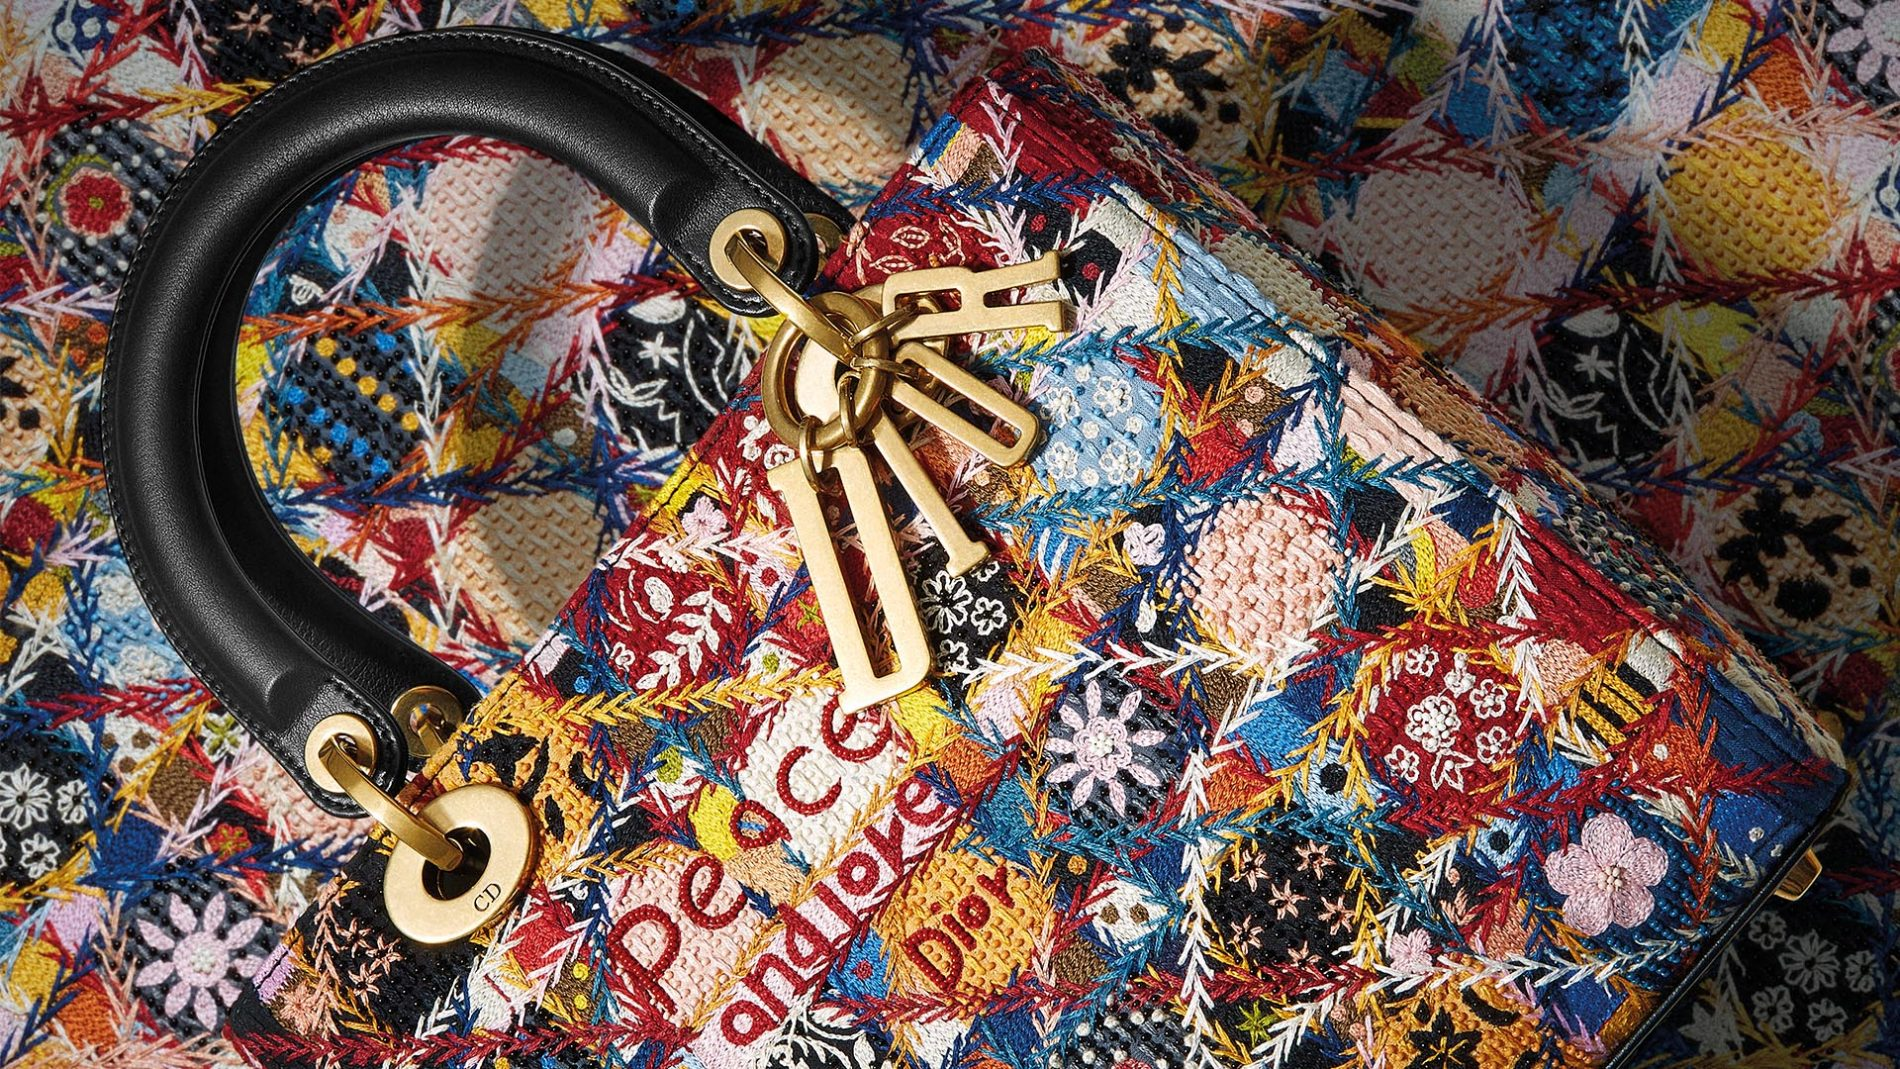 El Corte Inglés Diseñador Bolsos Dior